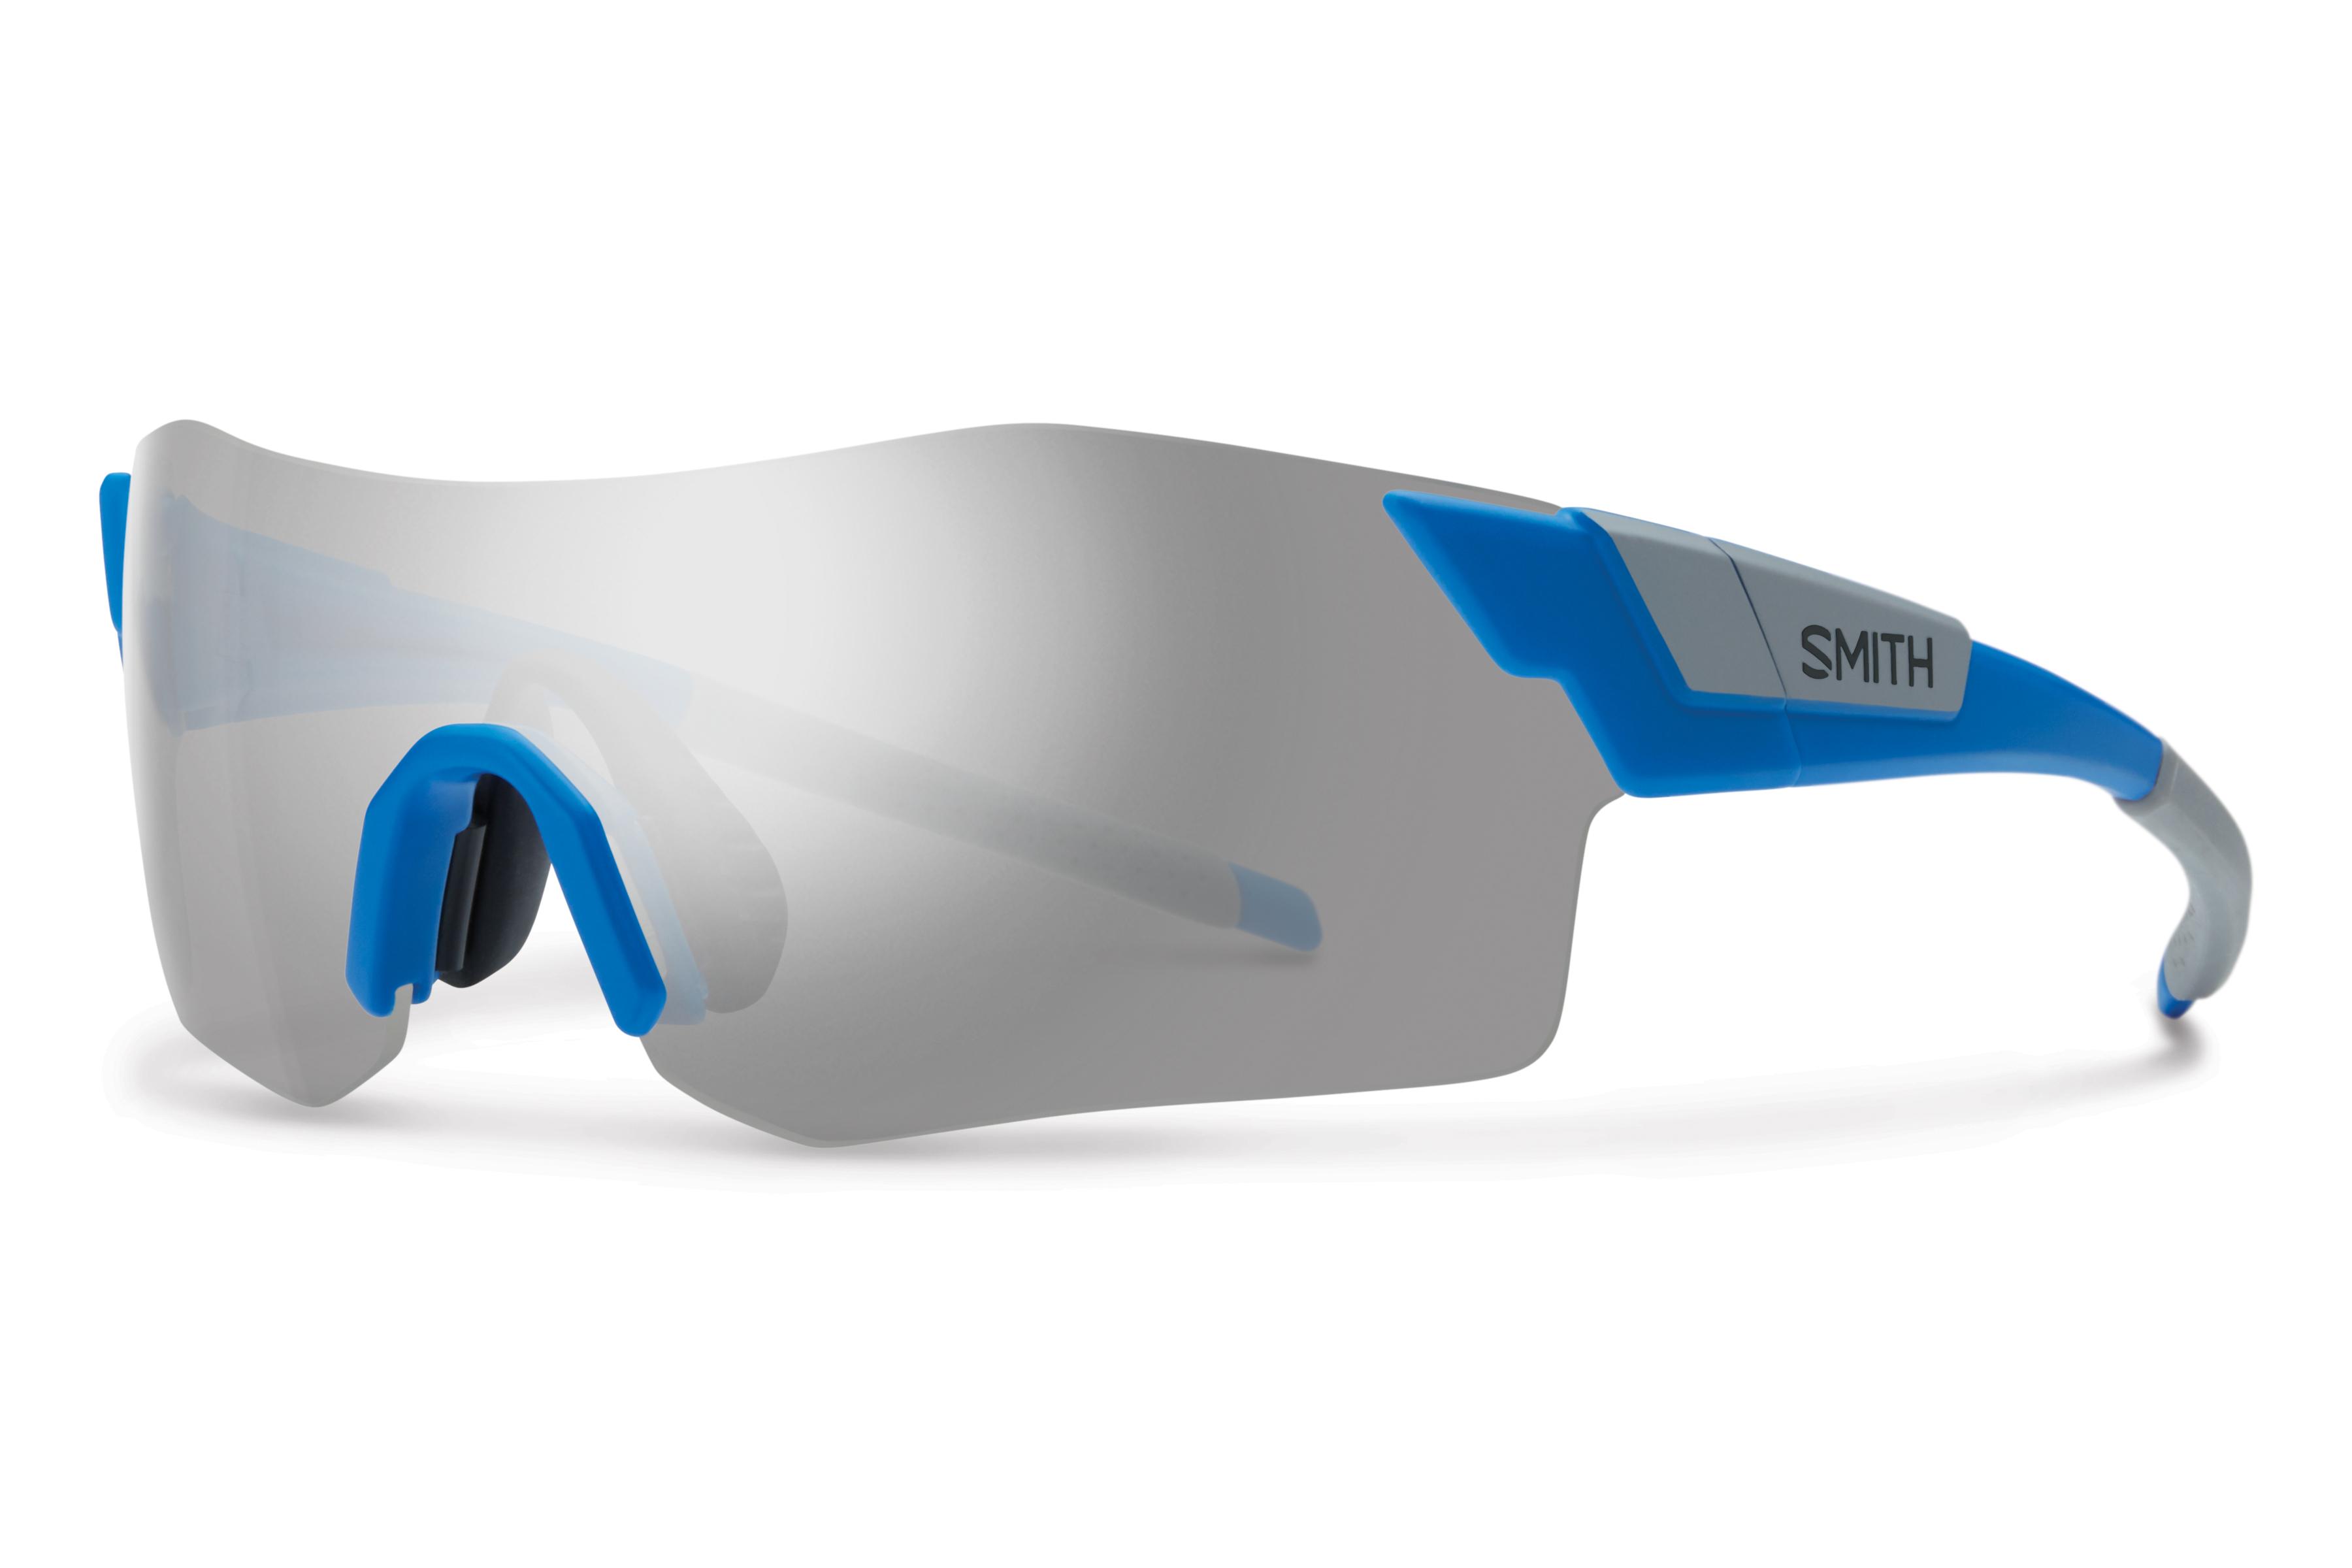 1d921e67f4e Cycling sunglasses